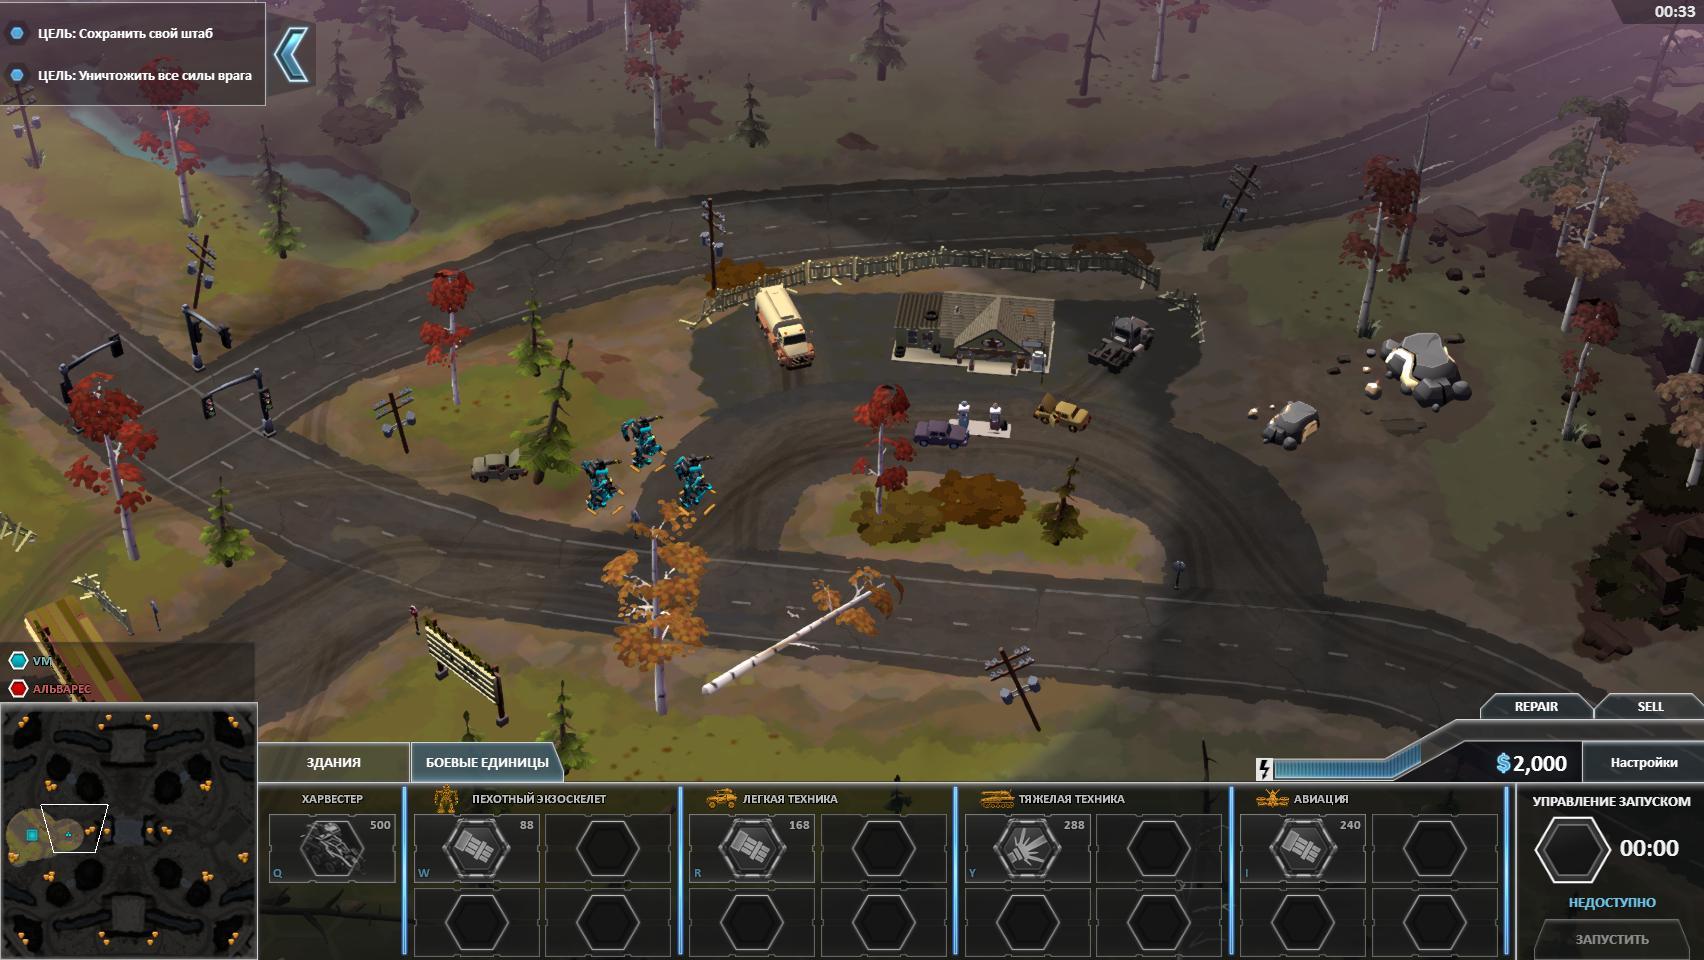 Скриншоты к Forged Battalion v0.133 - на русском языке